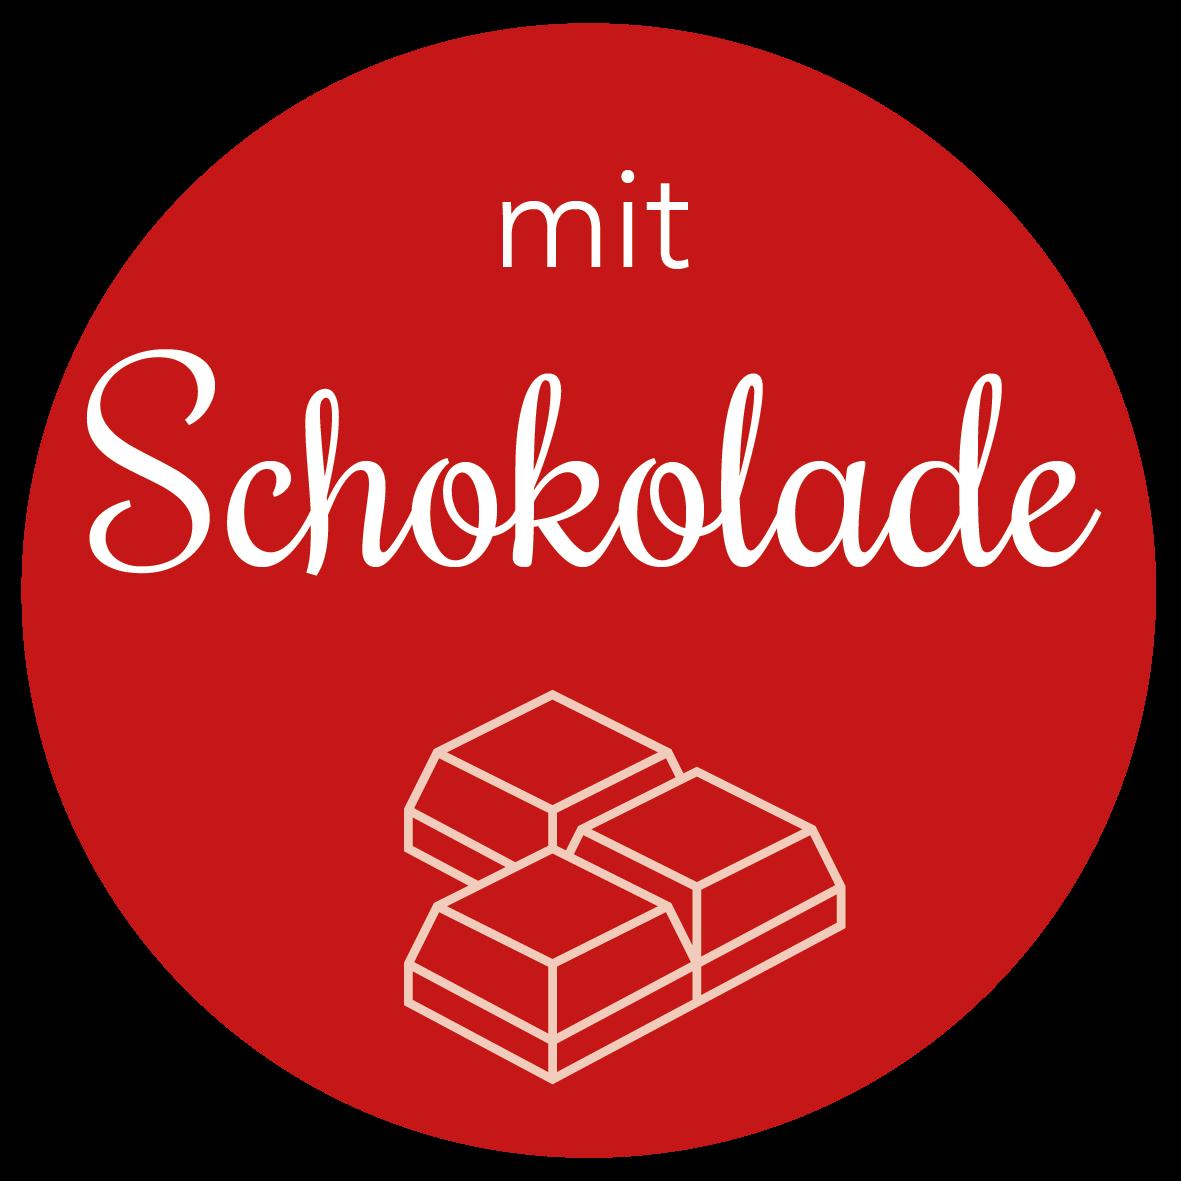 Adventskalender mit Schokolade